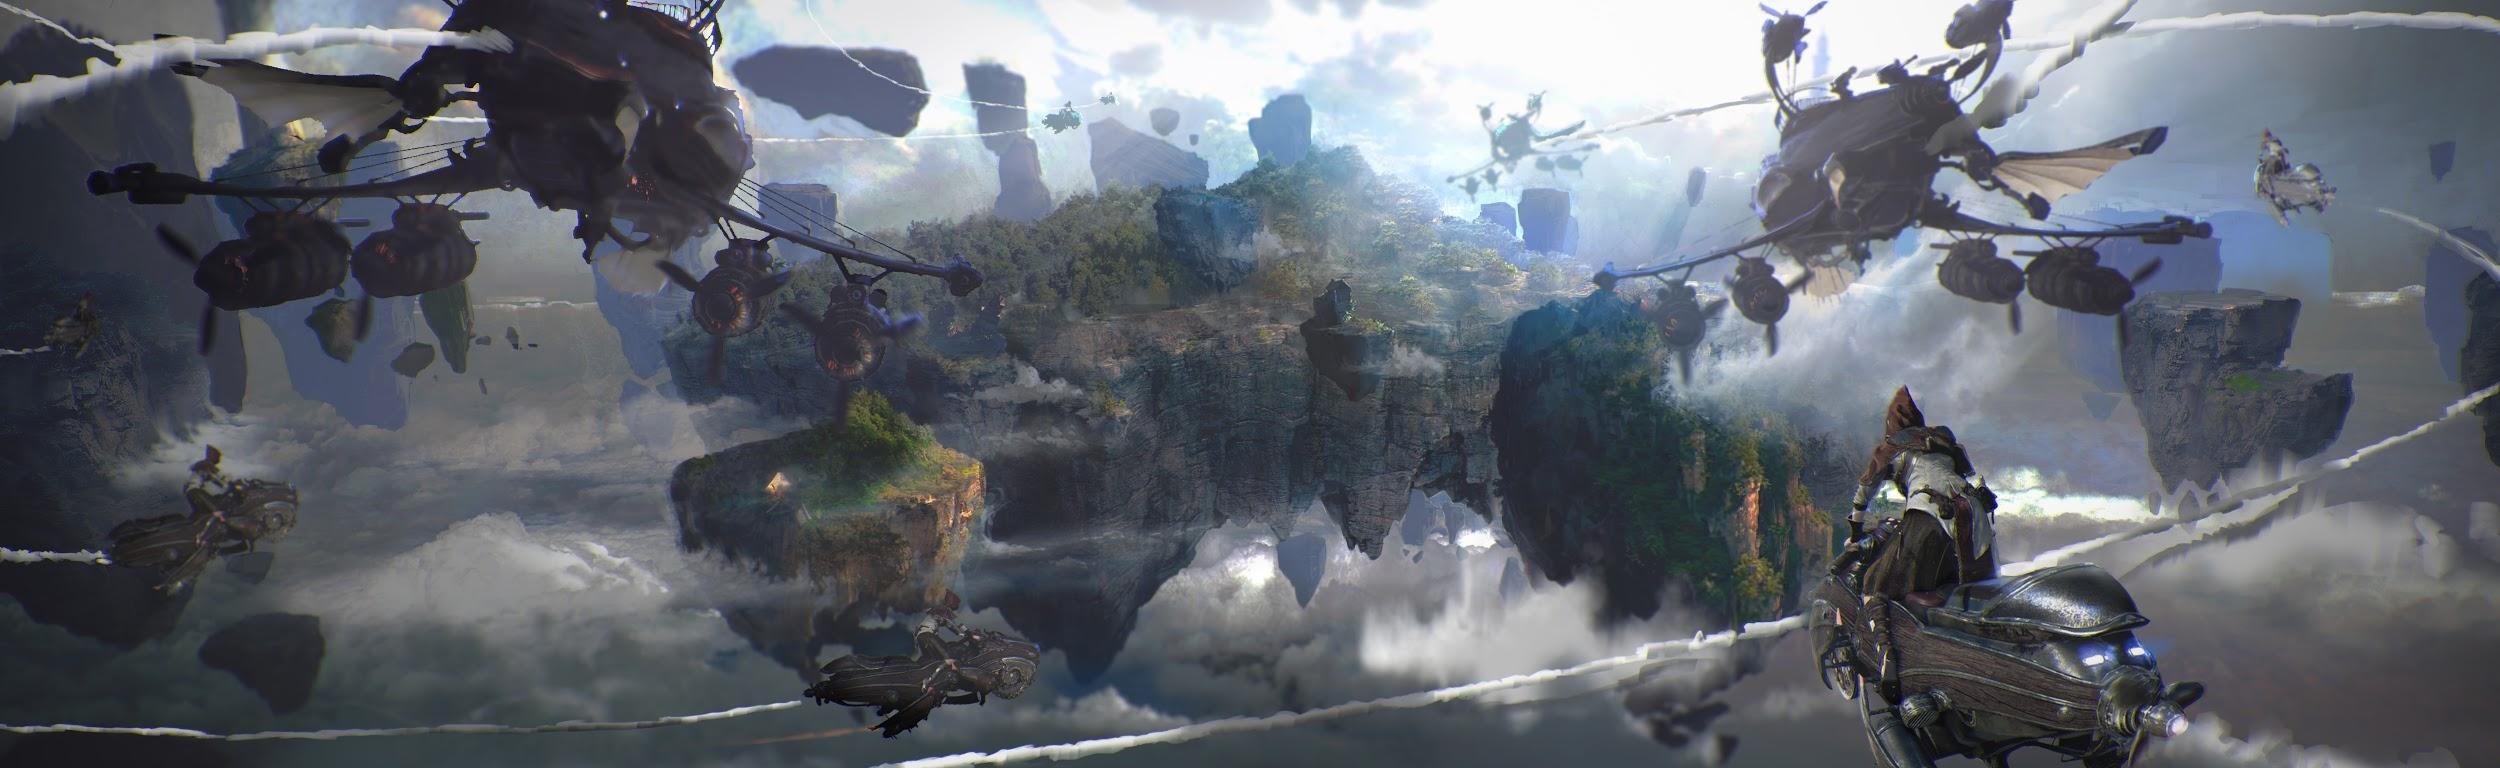 Autoři PUBG chystají novou hru, MMORPG Ascent: Infinite Realm 152519